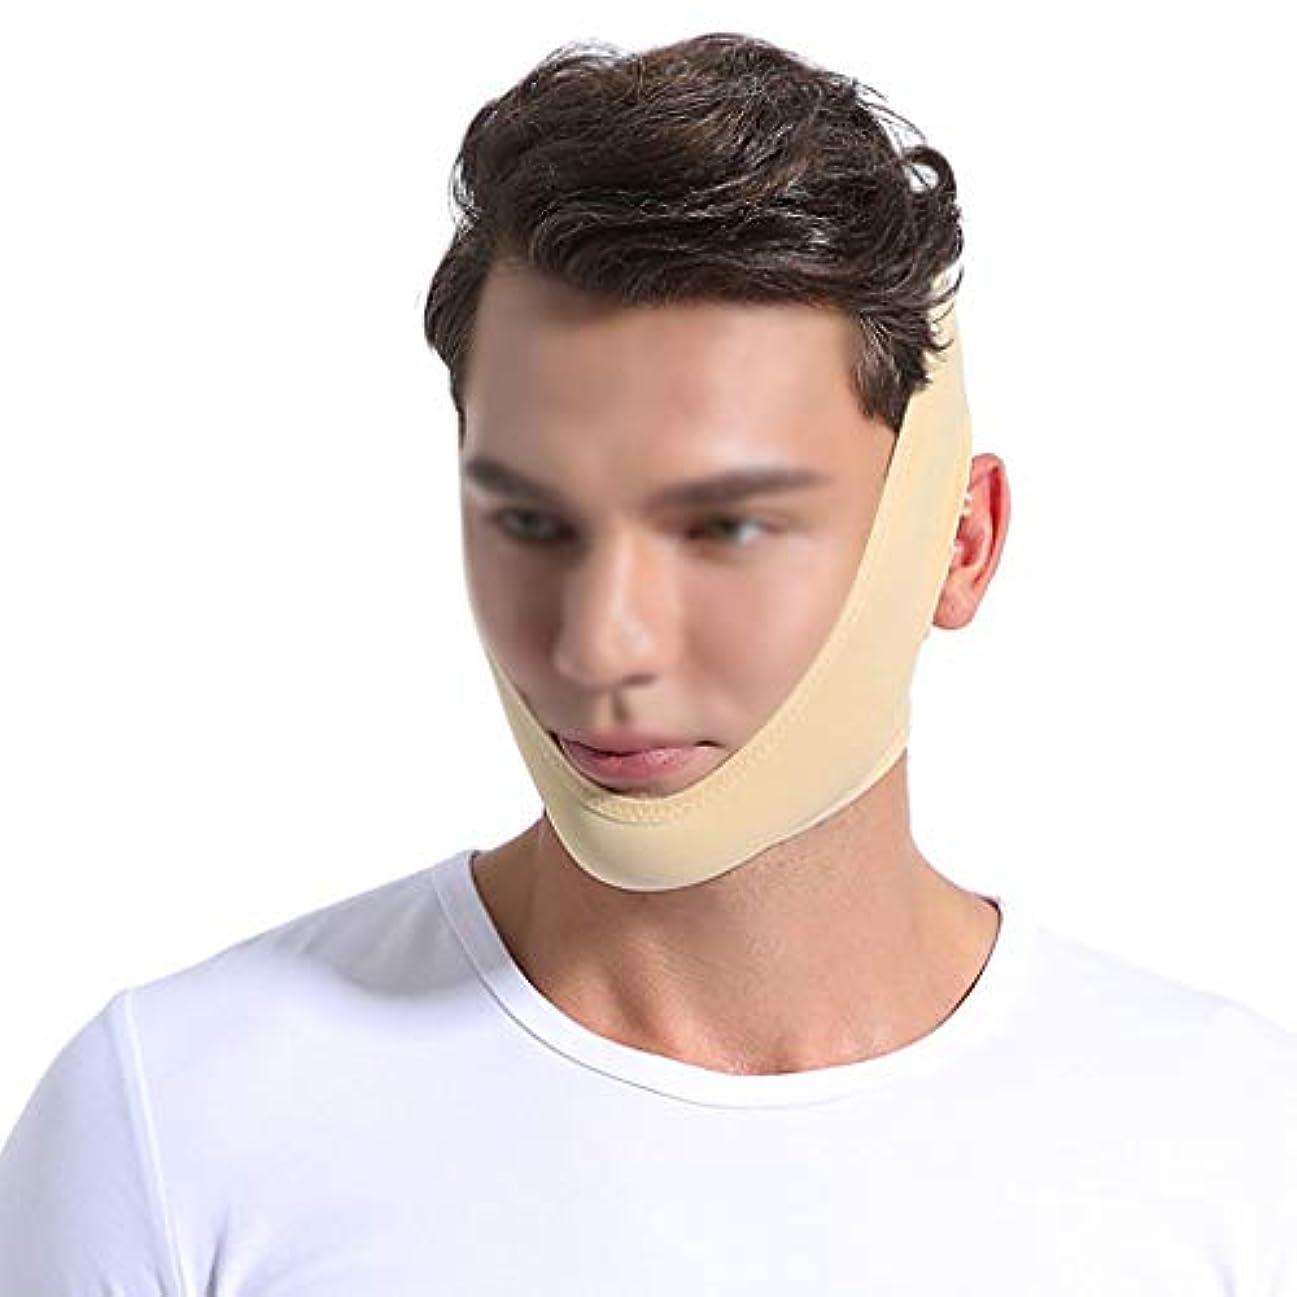 真空発生リベラルXHLMRMJ 医療ワイヤーカービング、男性と女性の顔の弾性包帯ヘッドギア結ばれた小さなV顔薄いフェイスマスクを結んだ後リフティングマスクを再開